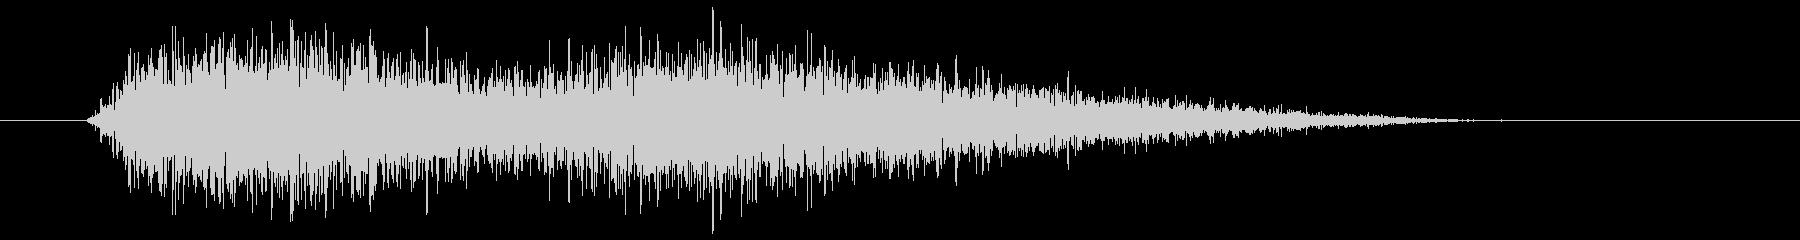 ヒュー(風の音) 02の未再生の波形